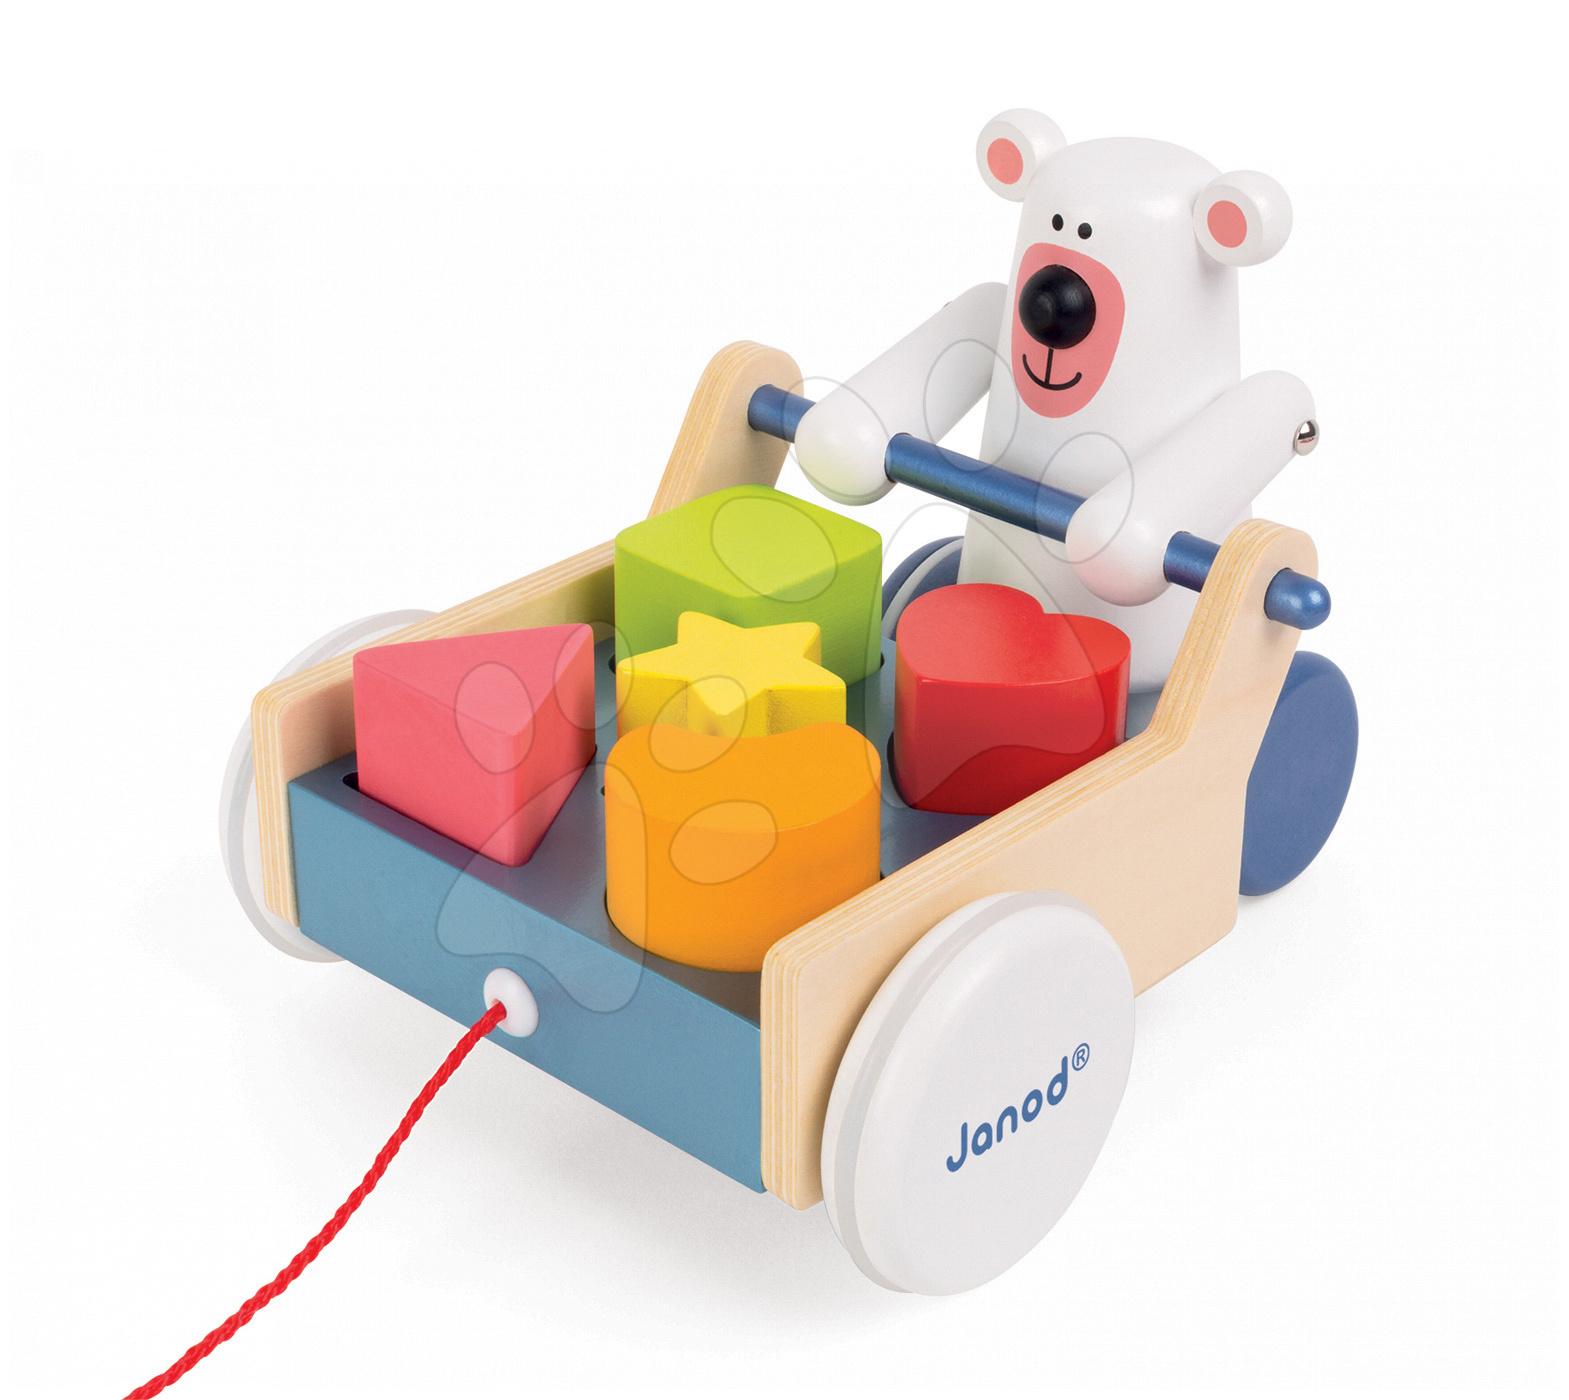 Dřevěný tahací vozík Medvěd Janod s vkládacími kostkami od 12 měsíců